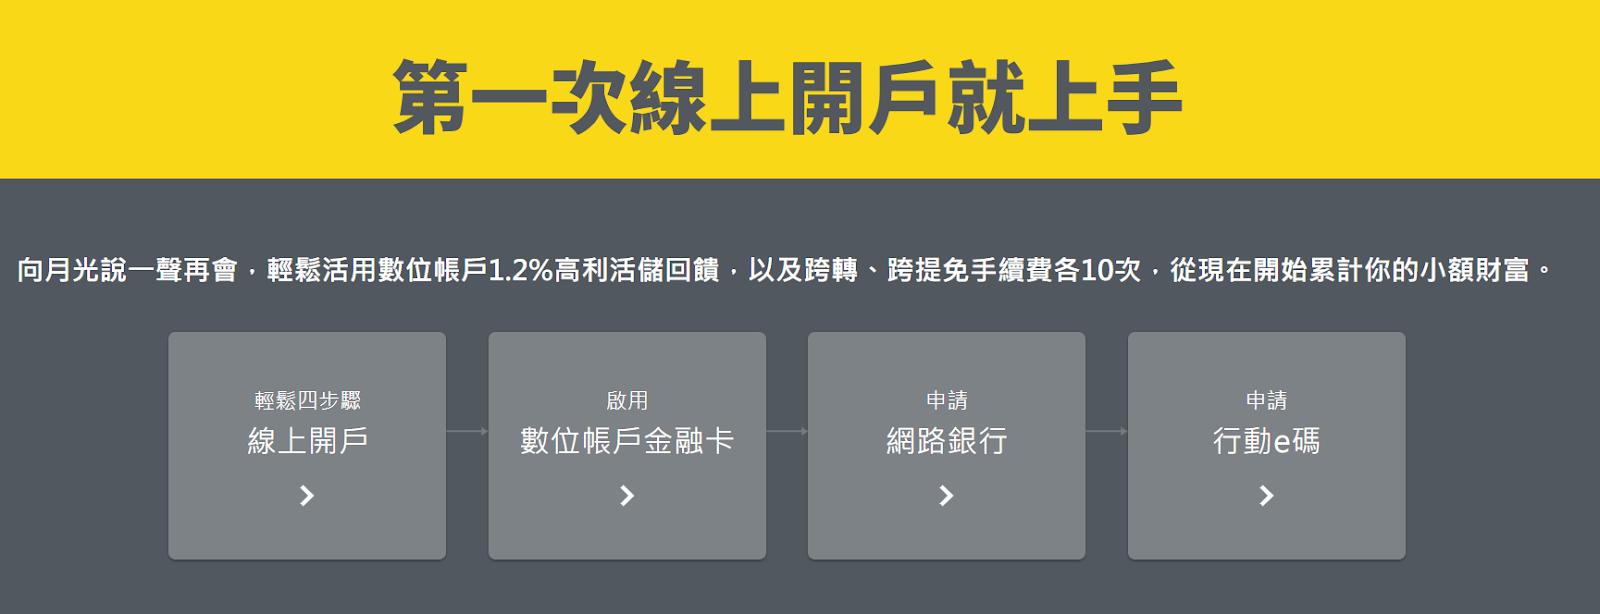 【理財】兆豐銀行-MegaLite 高利息外幣數位帳戶 – J.M聊生活